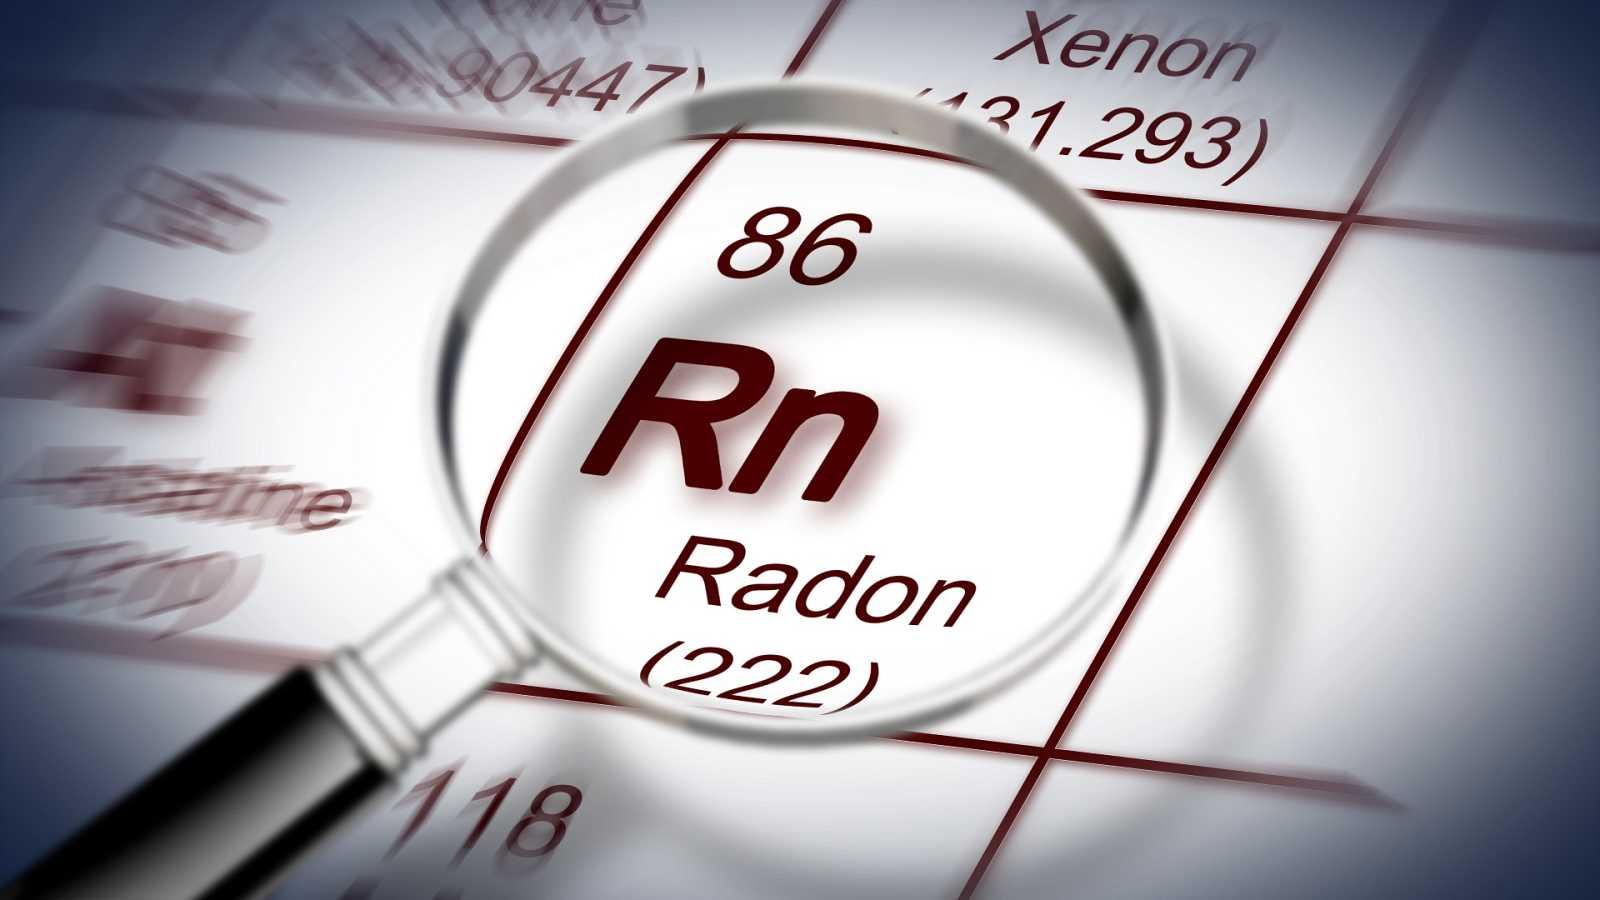 El gas Radón segunda causa de cáncer de pulmón después del tabaco